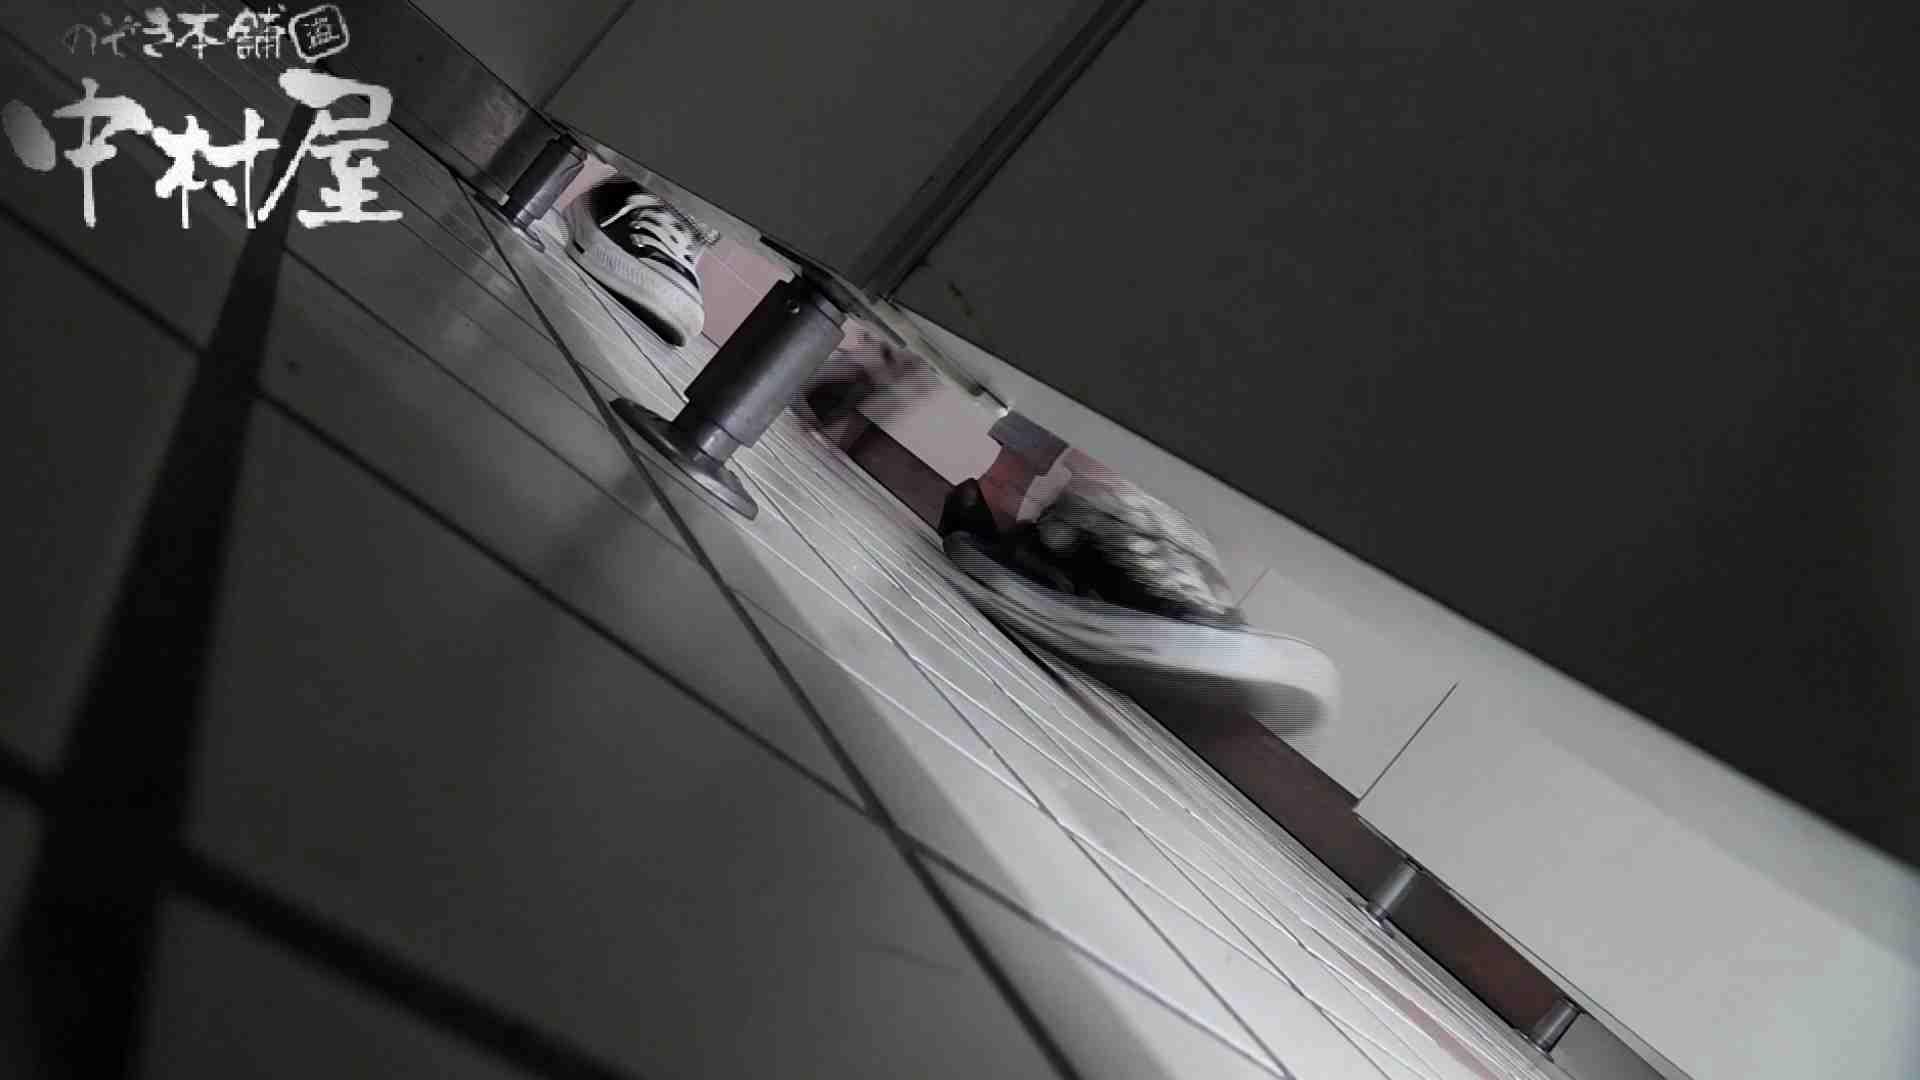 【美しい日本の未来】美しい日本の未来 No.41 反射を利用して、斬新な絶景が開かれた!! 厠や オマンコ無修正動画無料 73枚